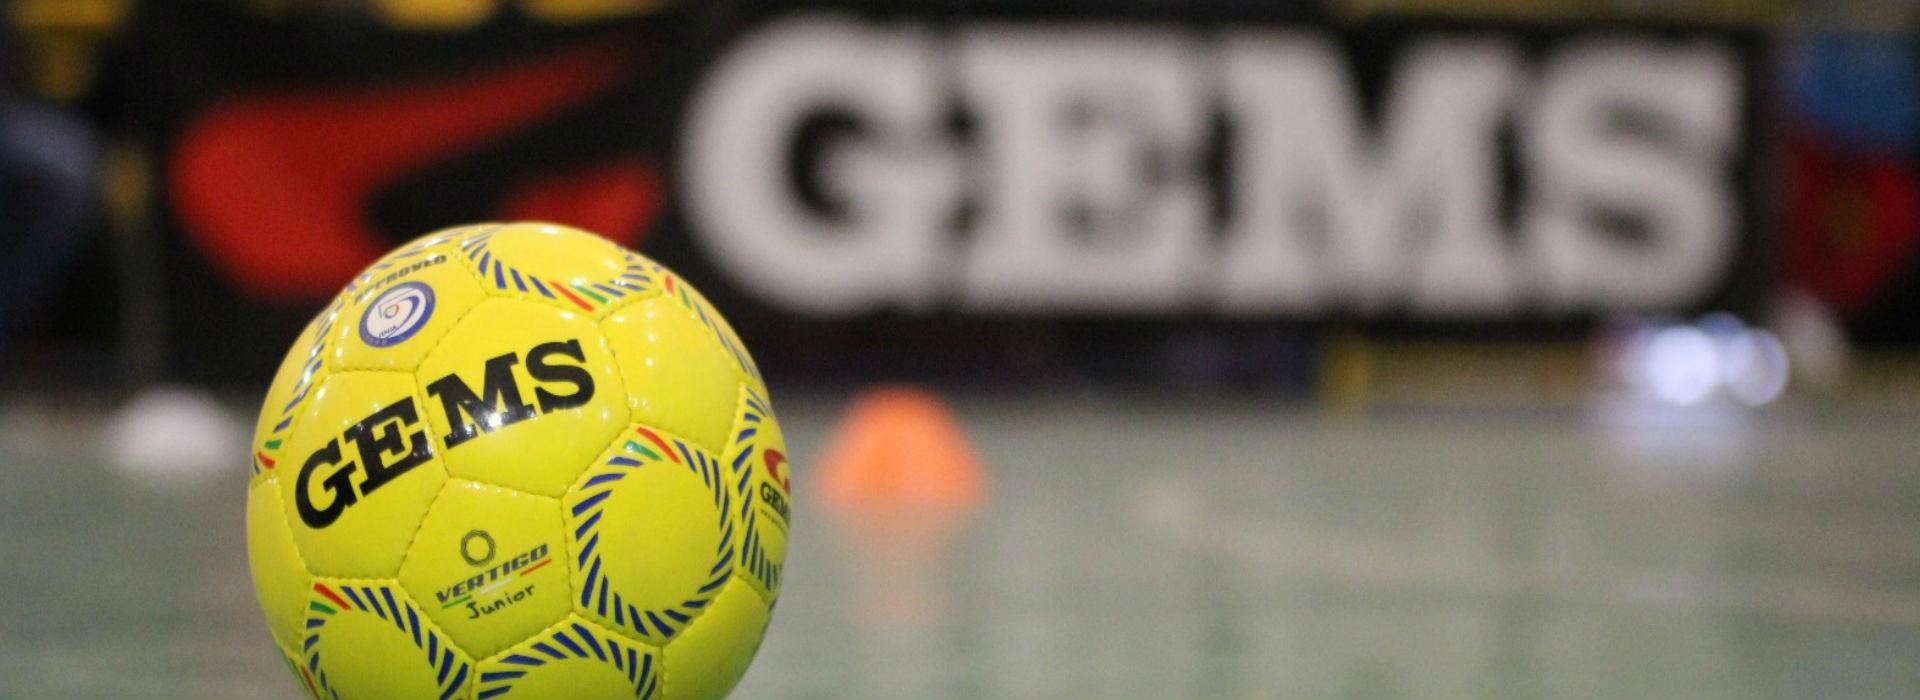 GEMS Sport - Alt til Futsal og indendørs fodbold